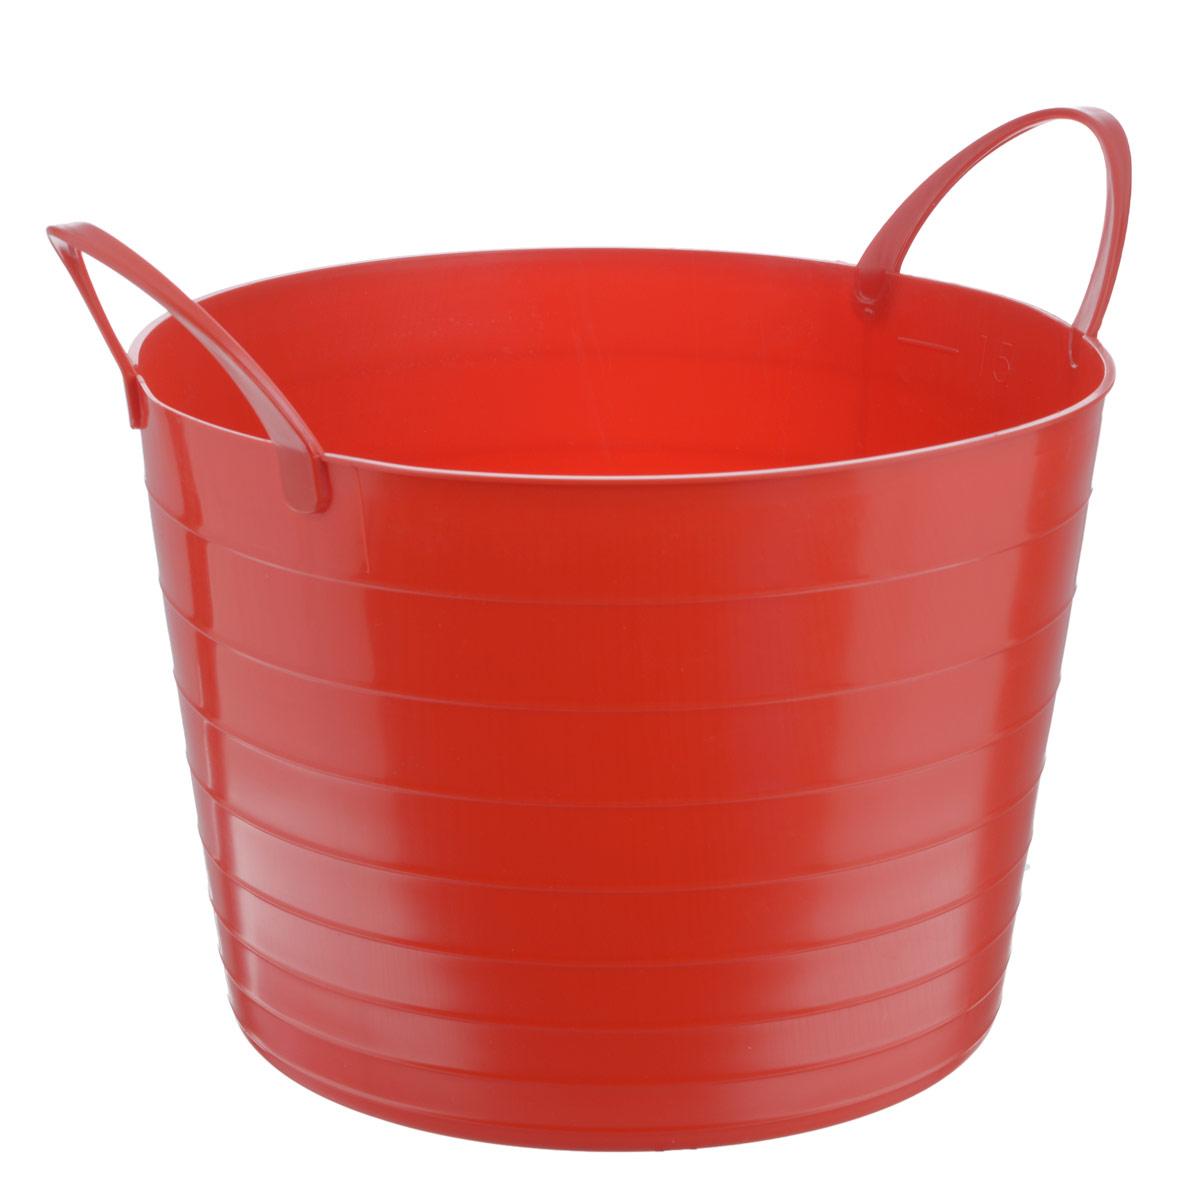 Корзина мягкая Idea, цвет: красный, 17 лМ 2880Мягкая корзина Idea изготовлена из гибкого полиэтилена и оснащена двумя удобными ручками. Внутренняя поверхность имеет отметки литража. Такой корзинке можно найти множество применений в быту: для строительства, для сбора фруктов, овощей и грибов, для хранения бытовых предметов и многого другого. Такая корзина пригодится в любом хозяйстве.Размер (без учета ручек): 33,5 х 33,5 х 24 см.